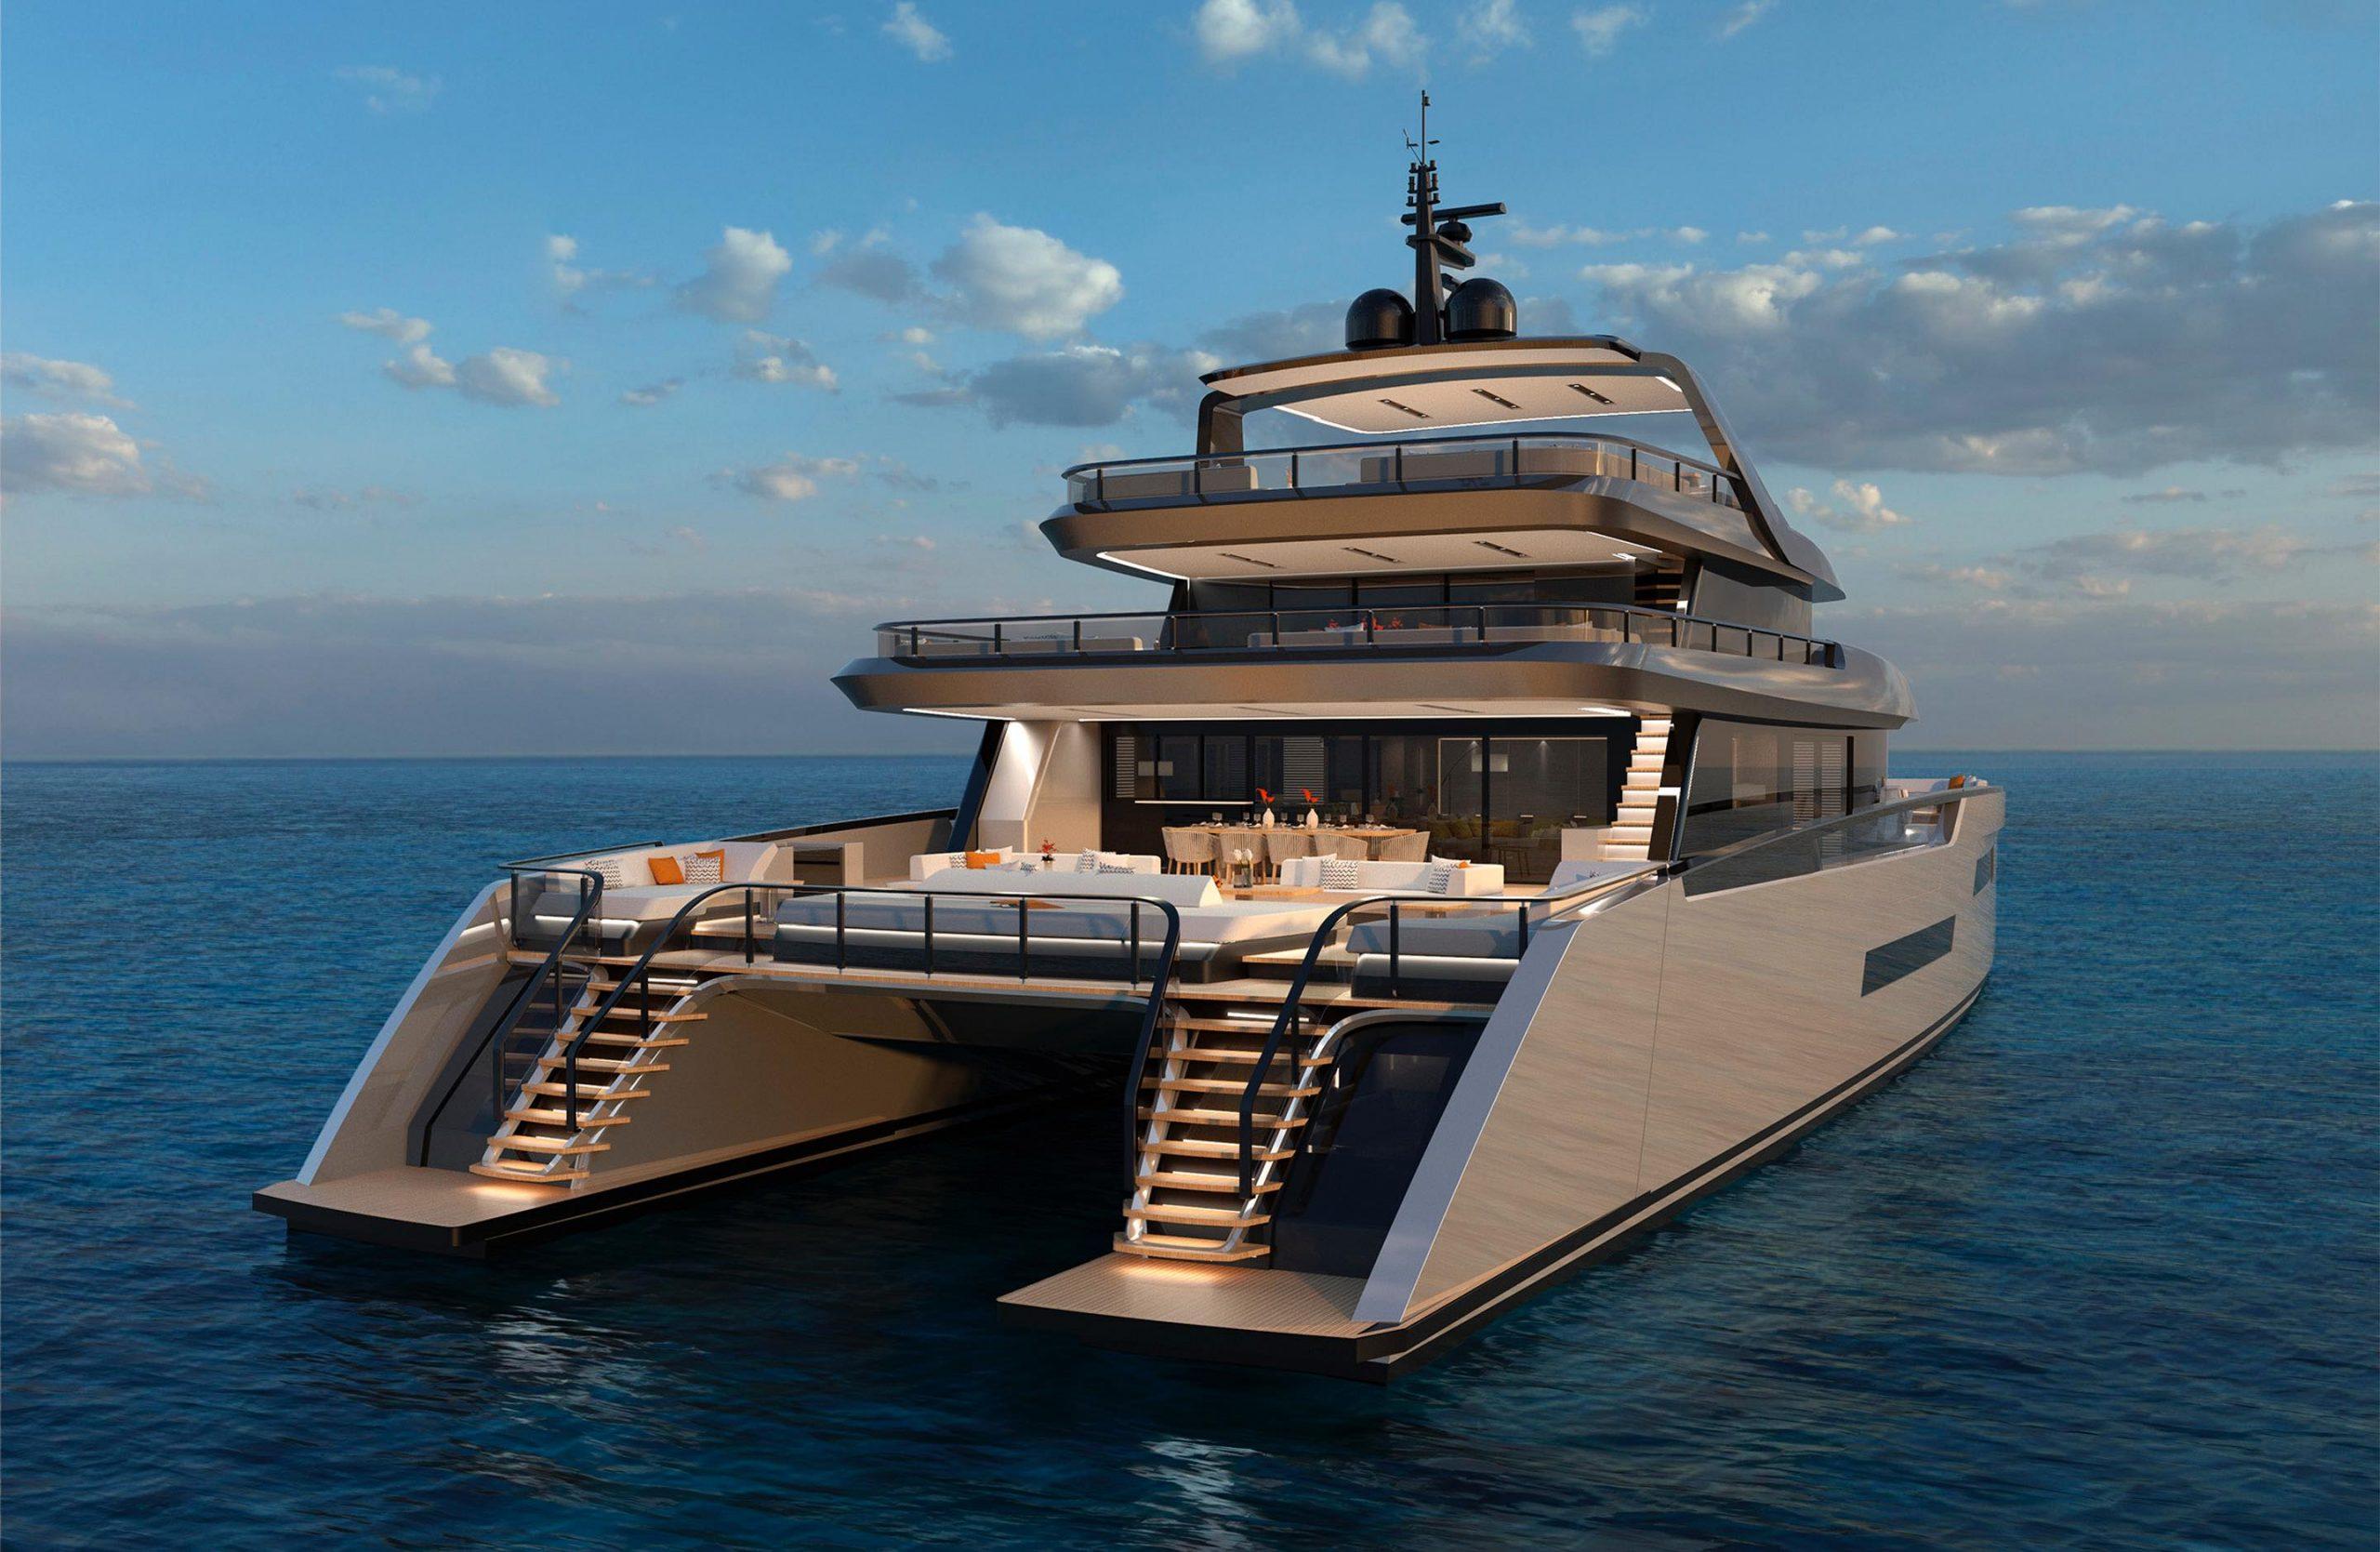 ISA Yachts Zeffiro from rear